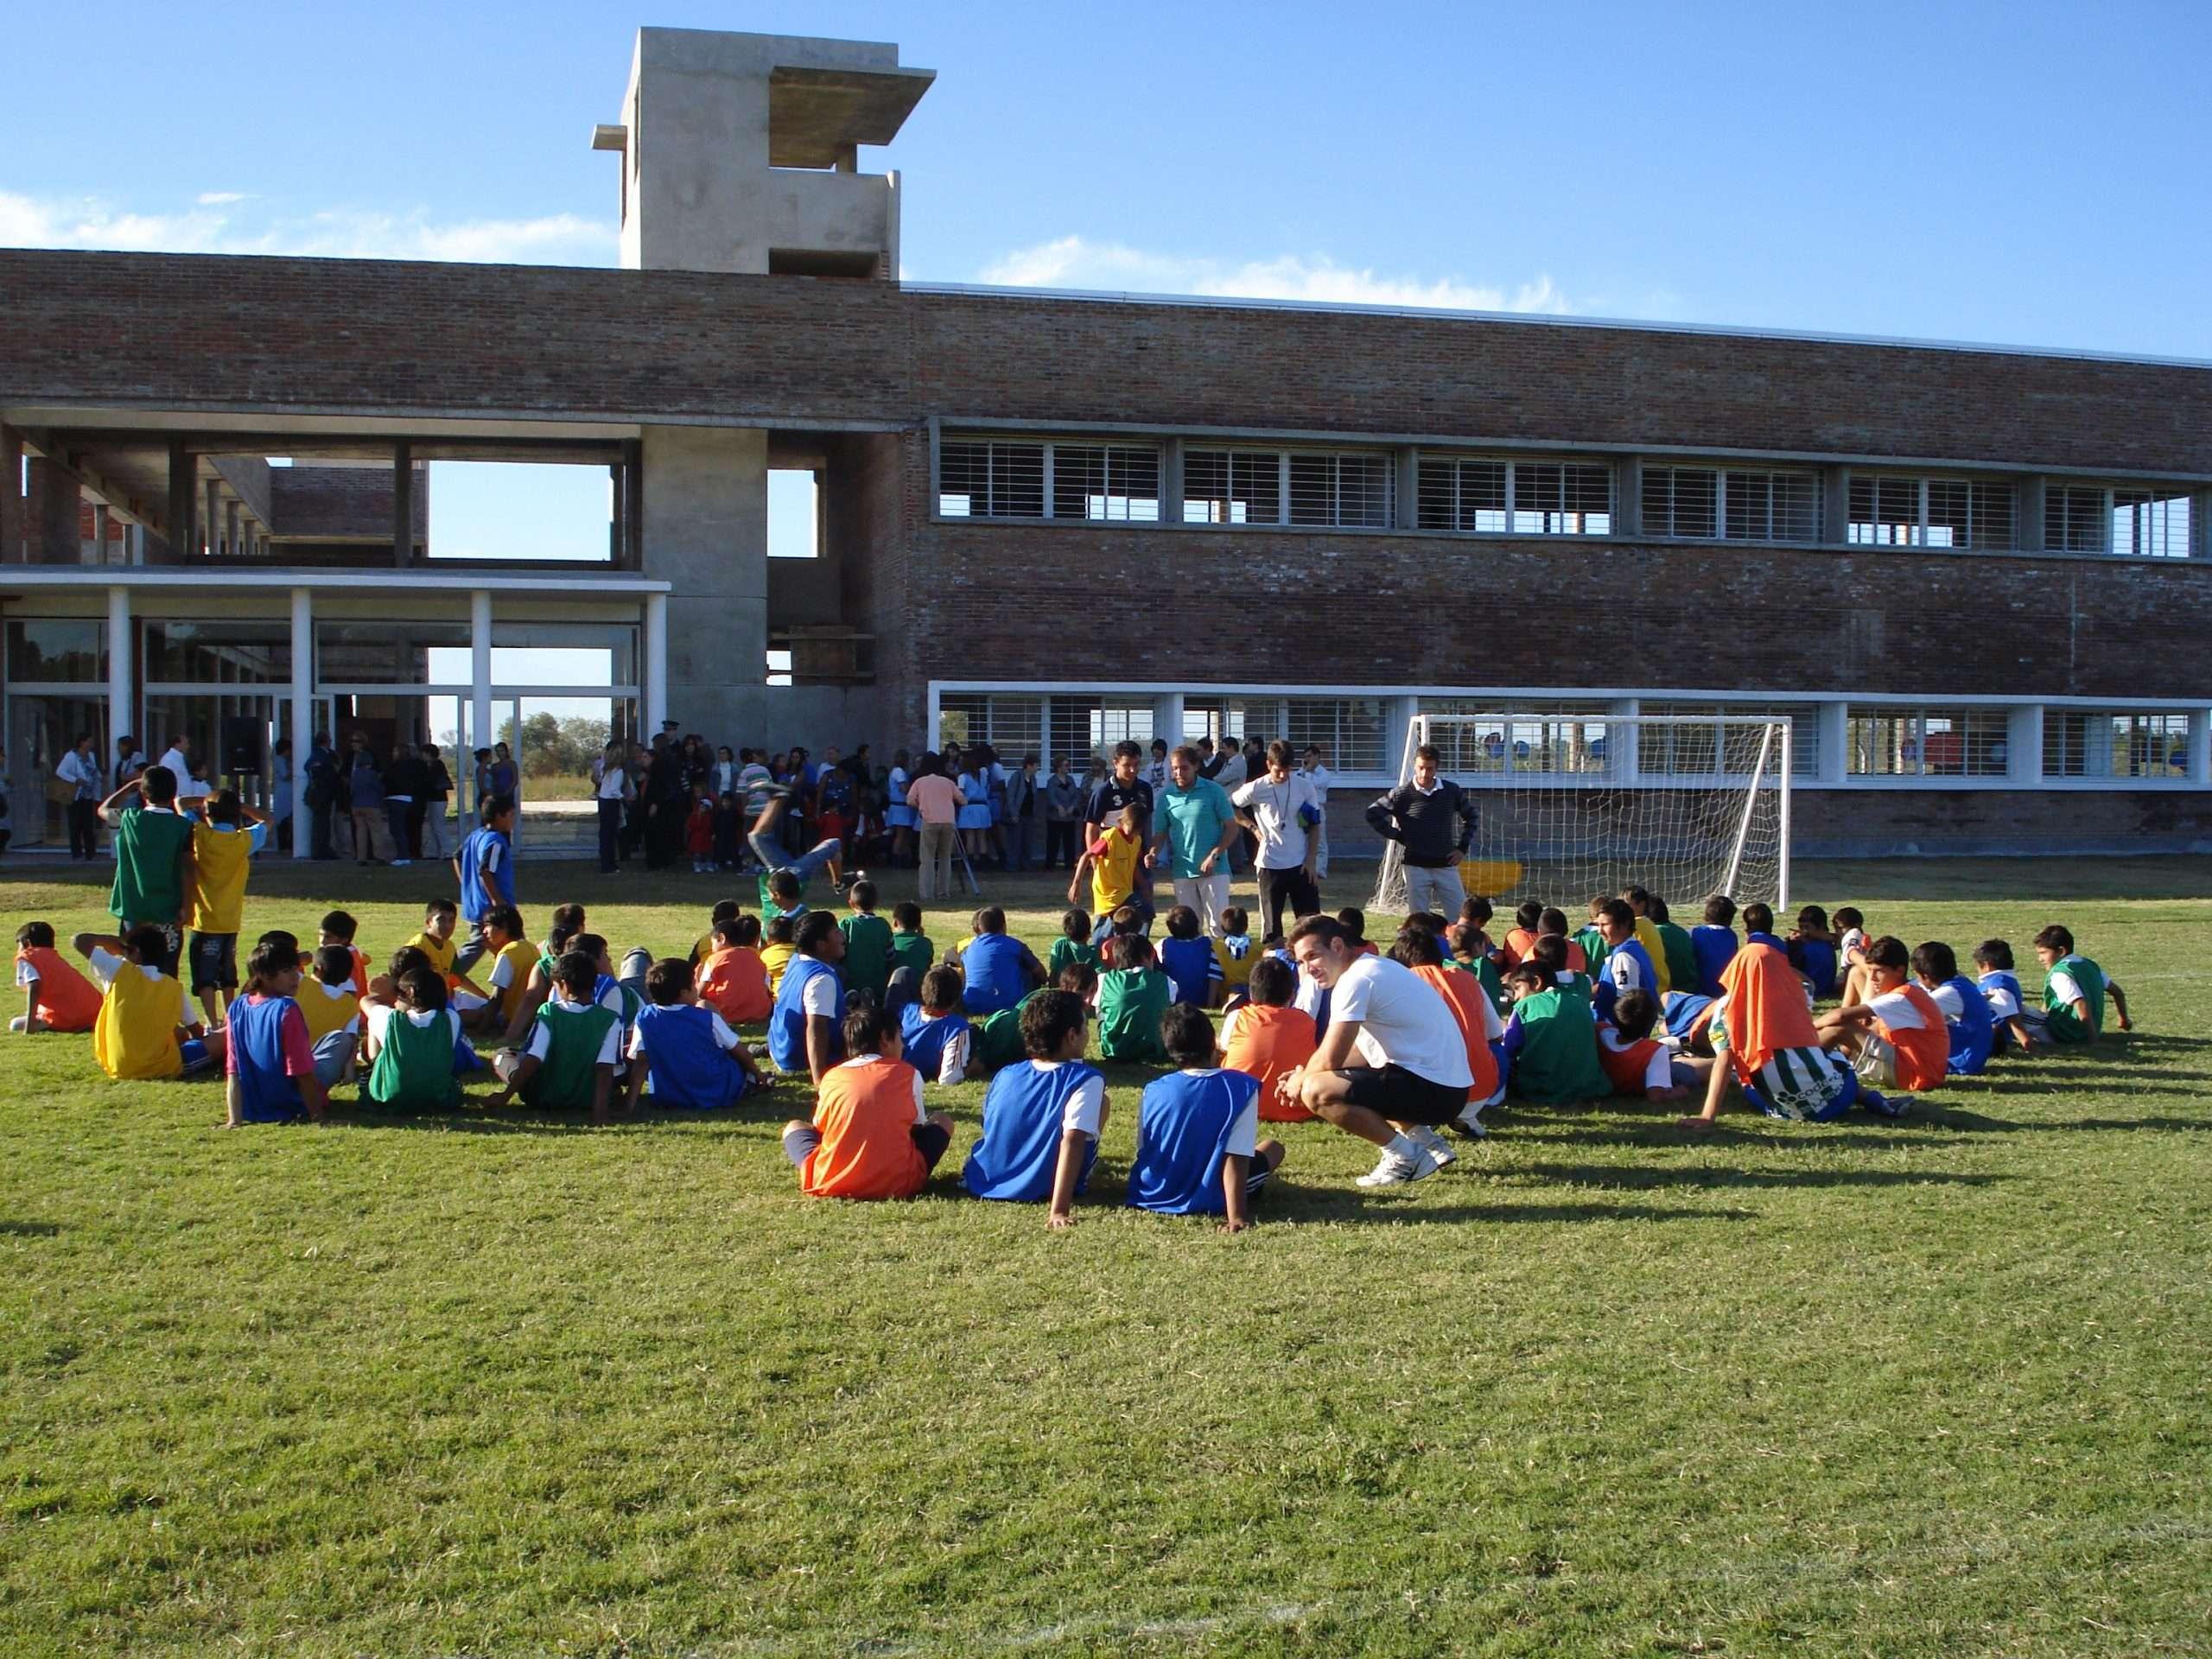 2 - Al Centro educacional Cuatro Vientos asisten más de 100 chicos